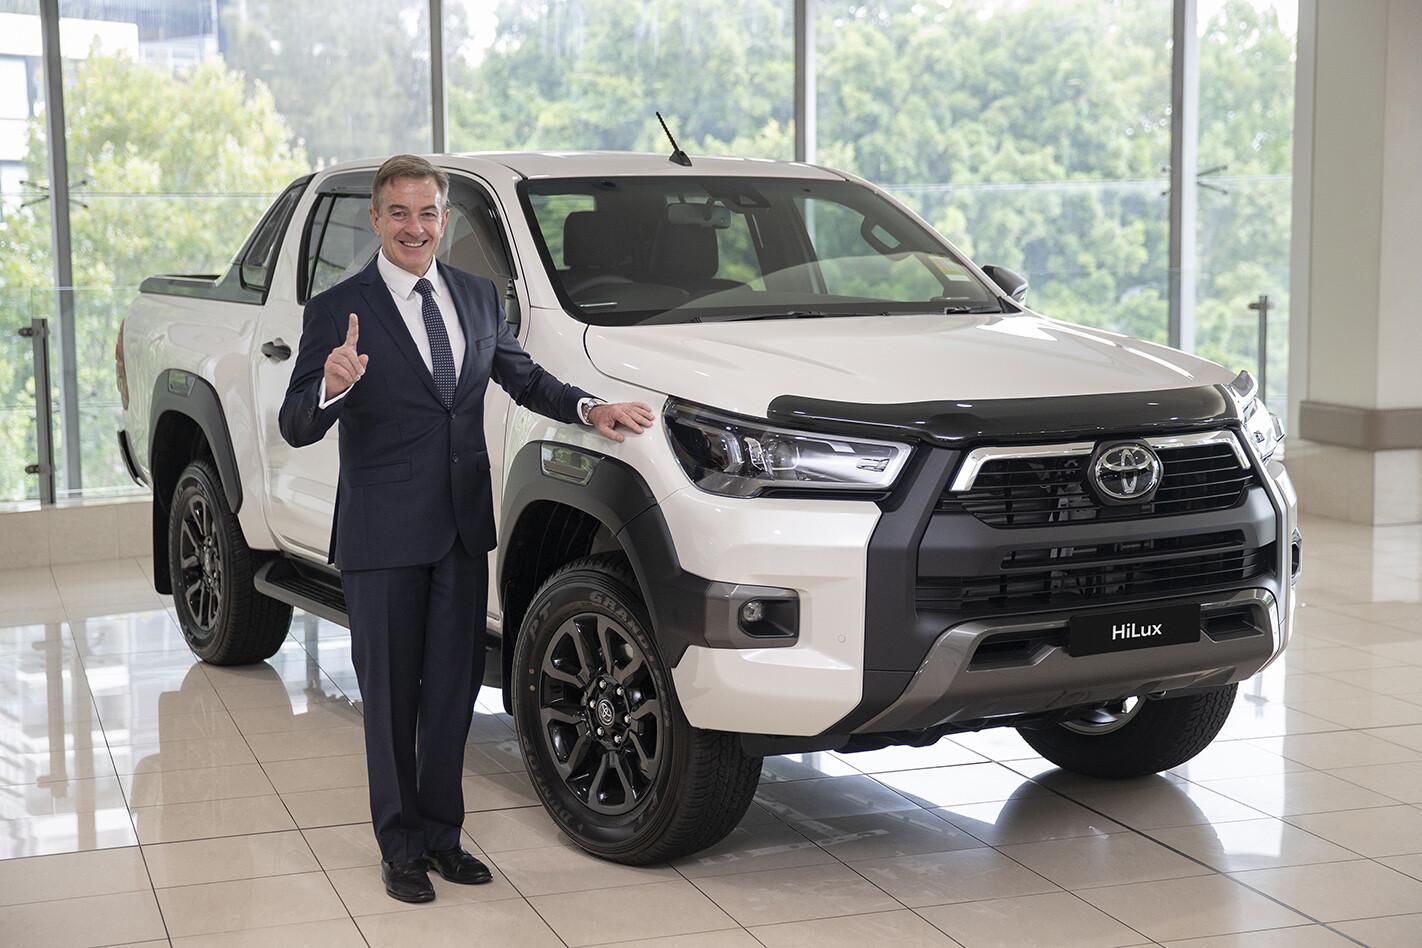 Toyota Australia President and CEO Matthew Callachor